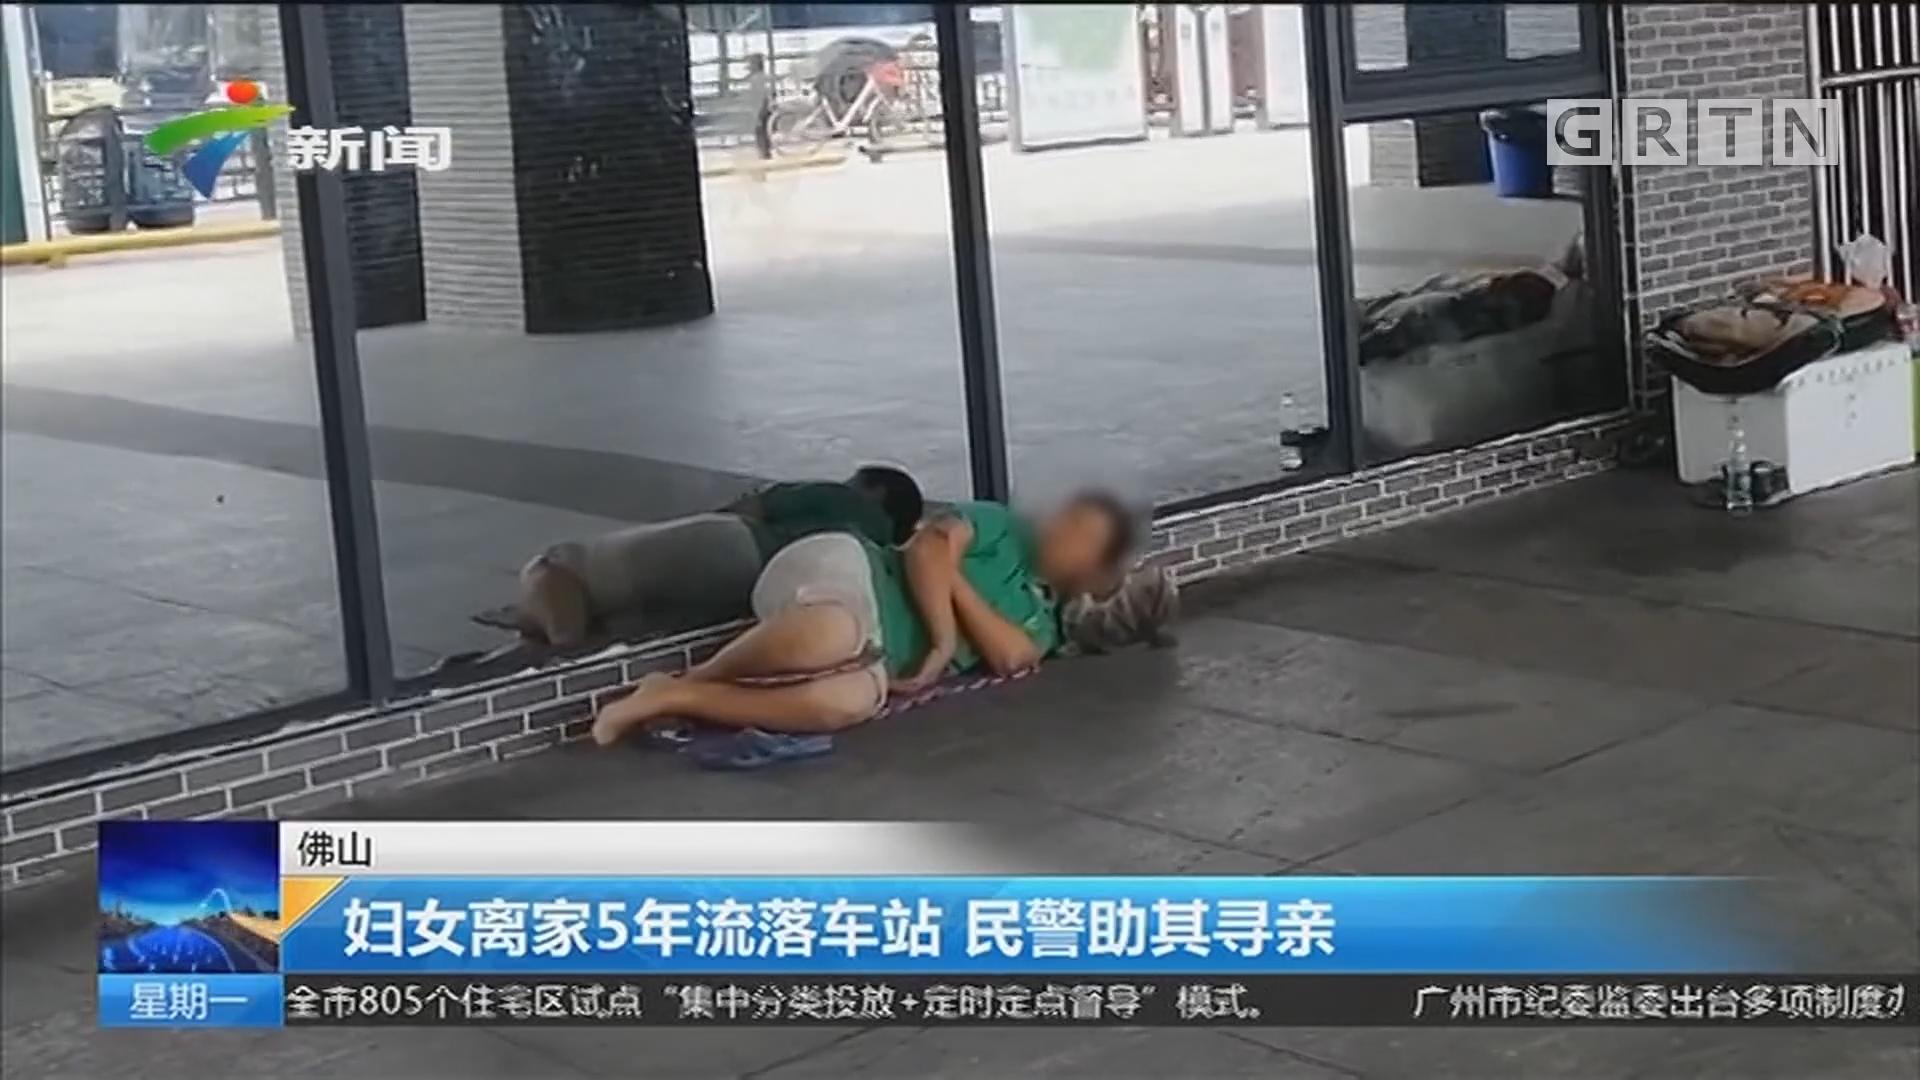 佛山:妇女离家5年流落车站 民警助其寻亲